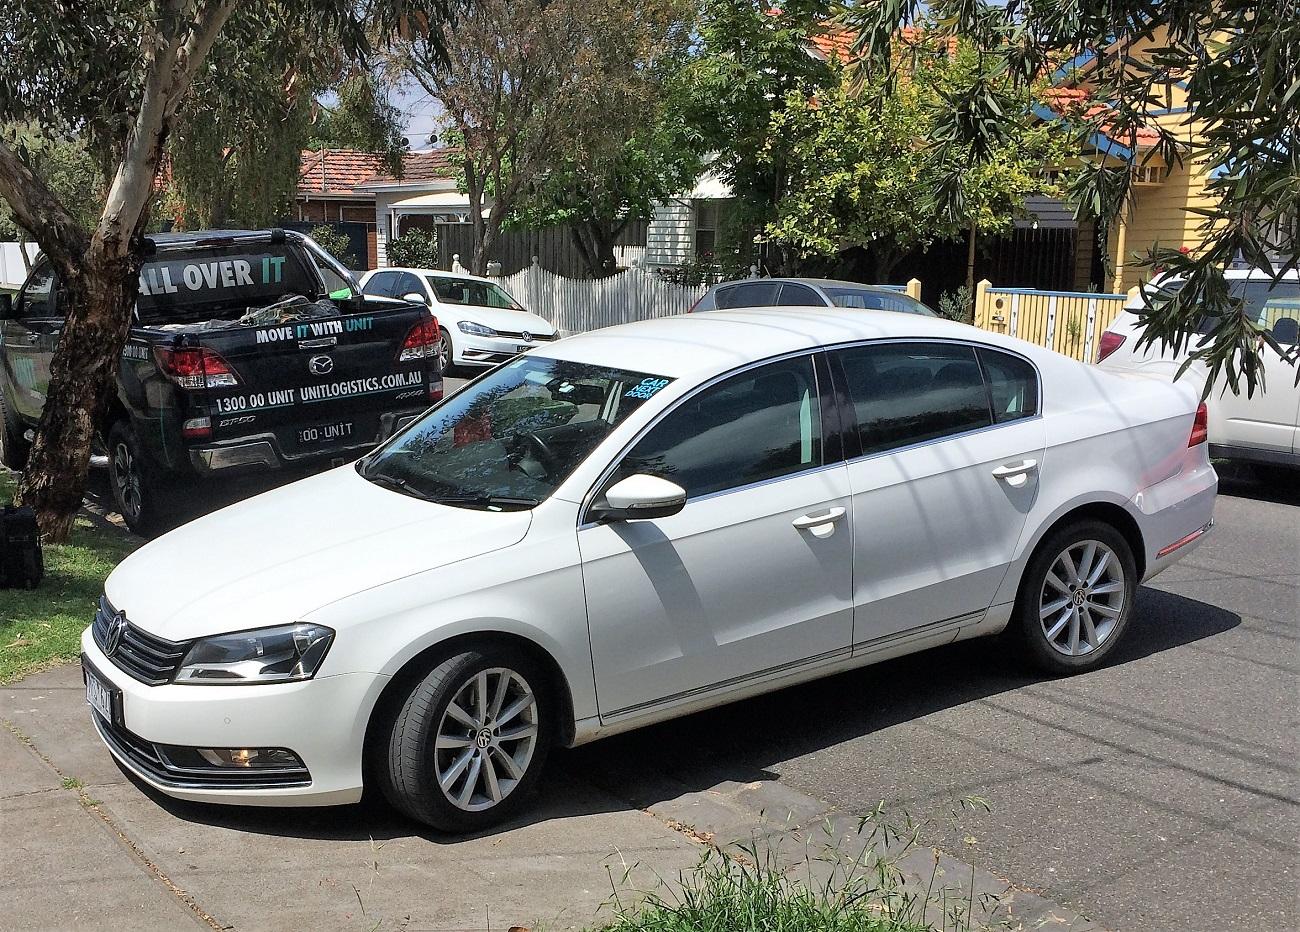 Picture of Vanessa's 2012 Volkswagen Passat